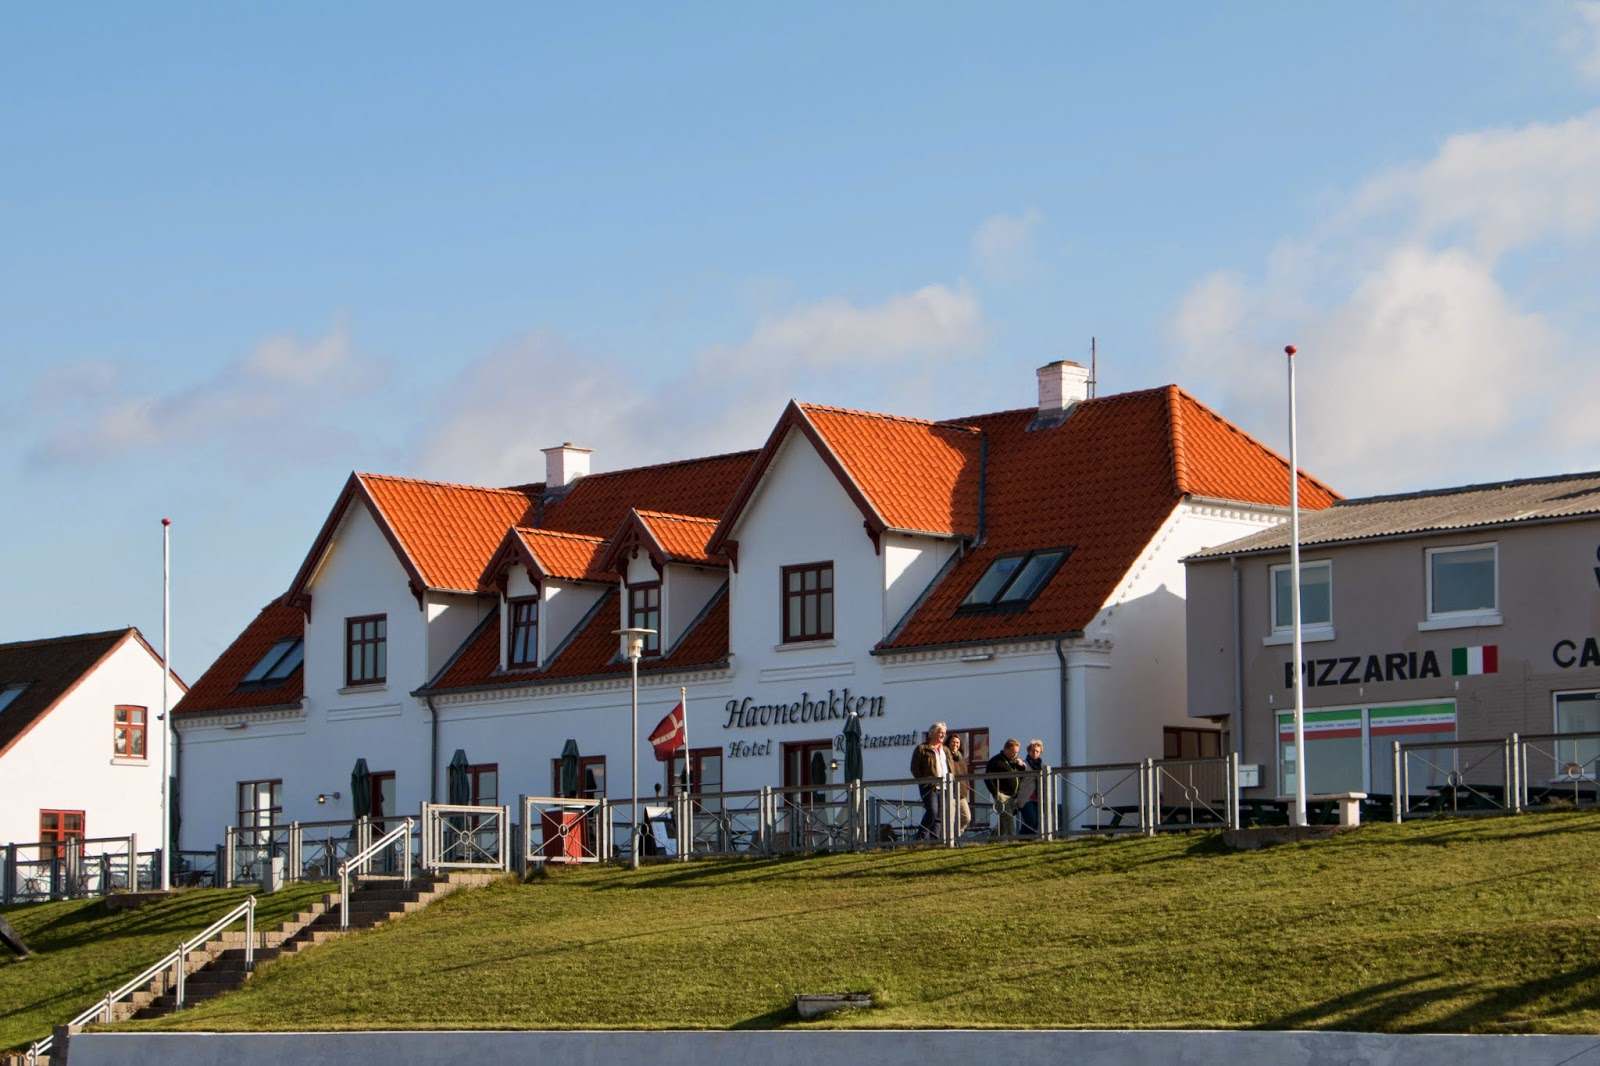 Voksentid – en lille ferie på Læsø